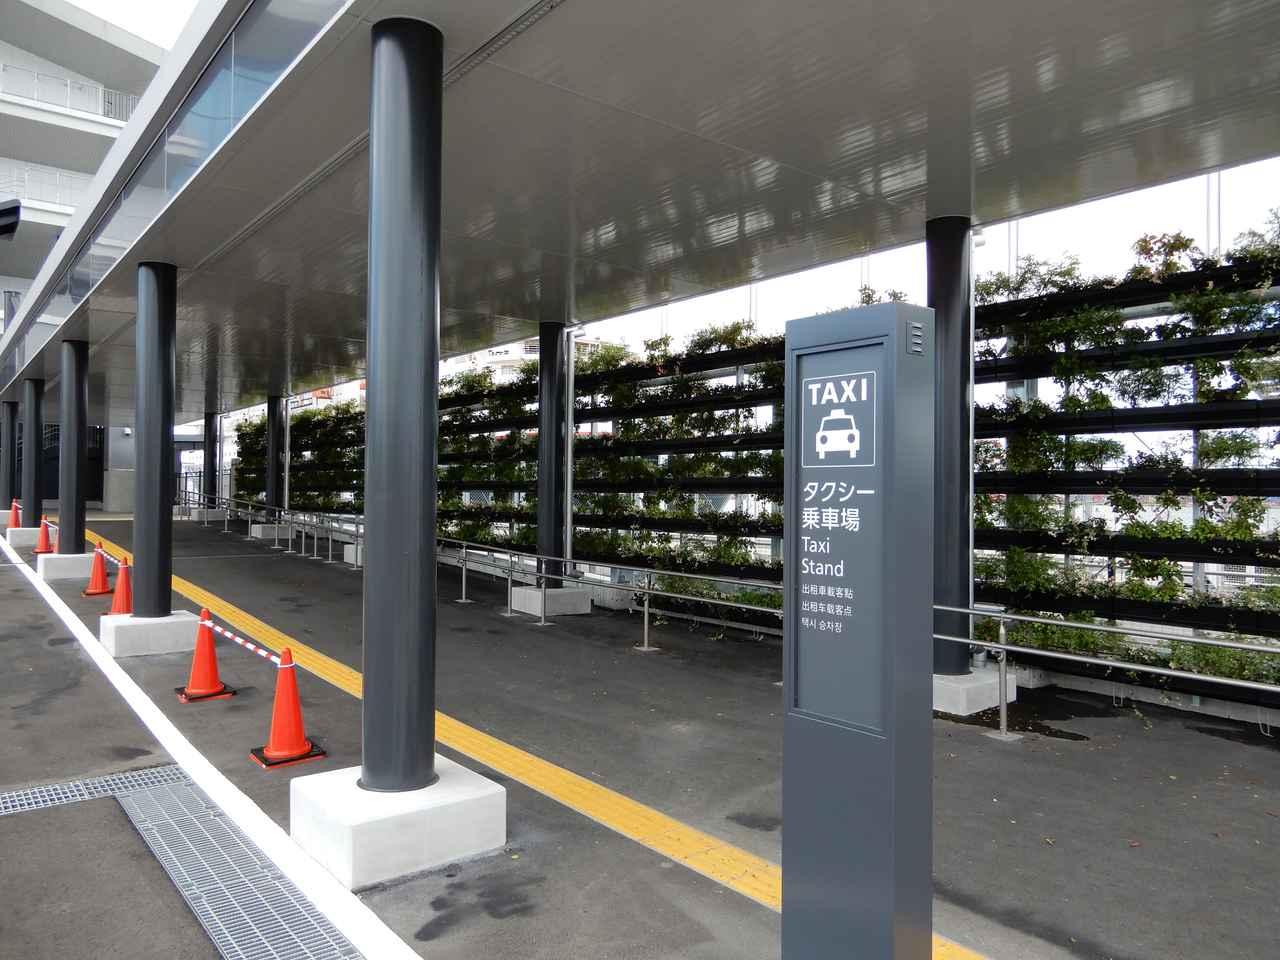 画像: 東京国際クルーズターミナル タクシー乗降場(弊社スタッフ撮影)